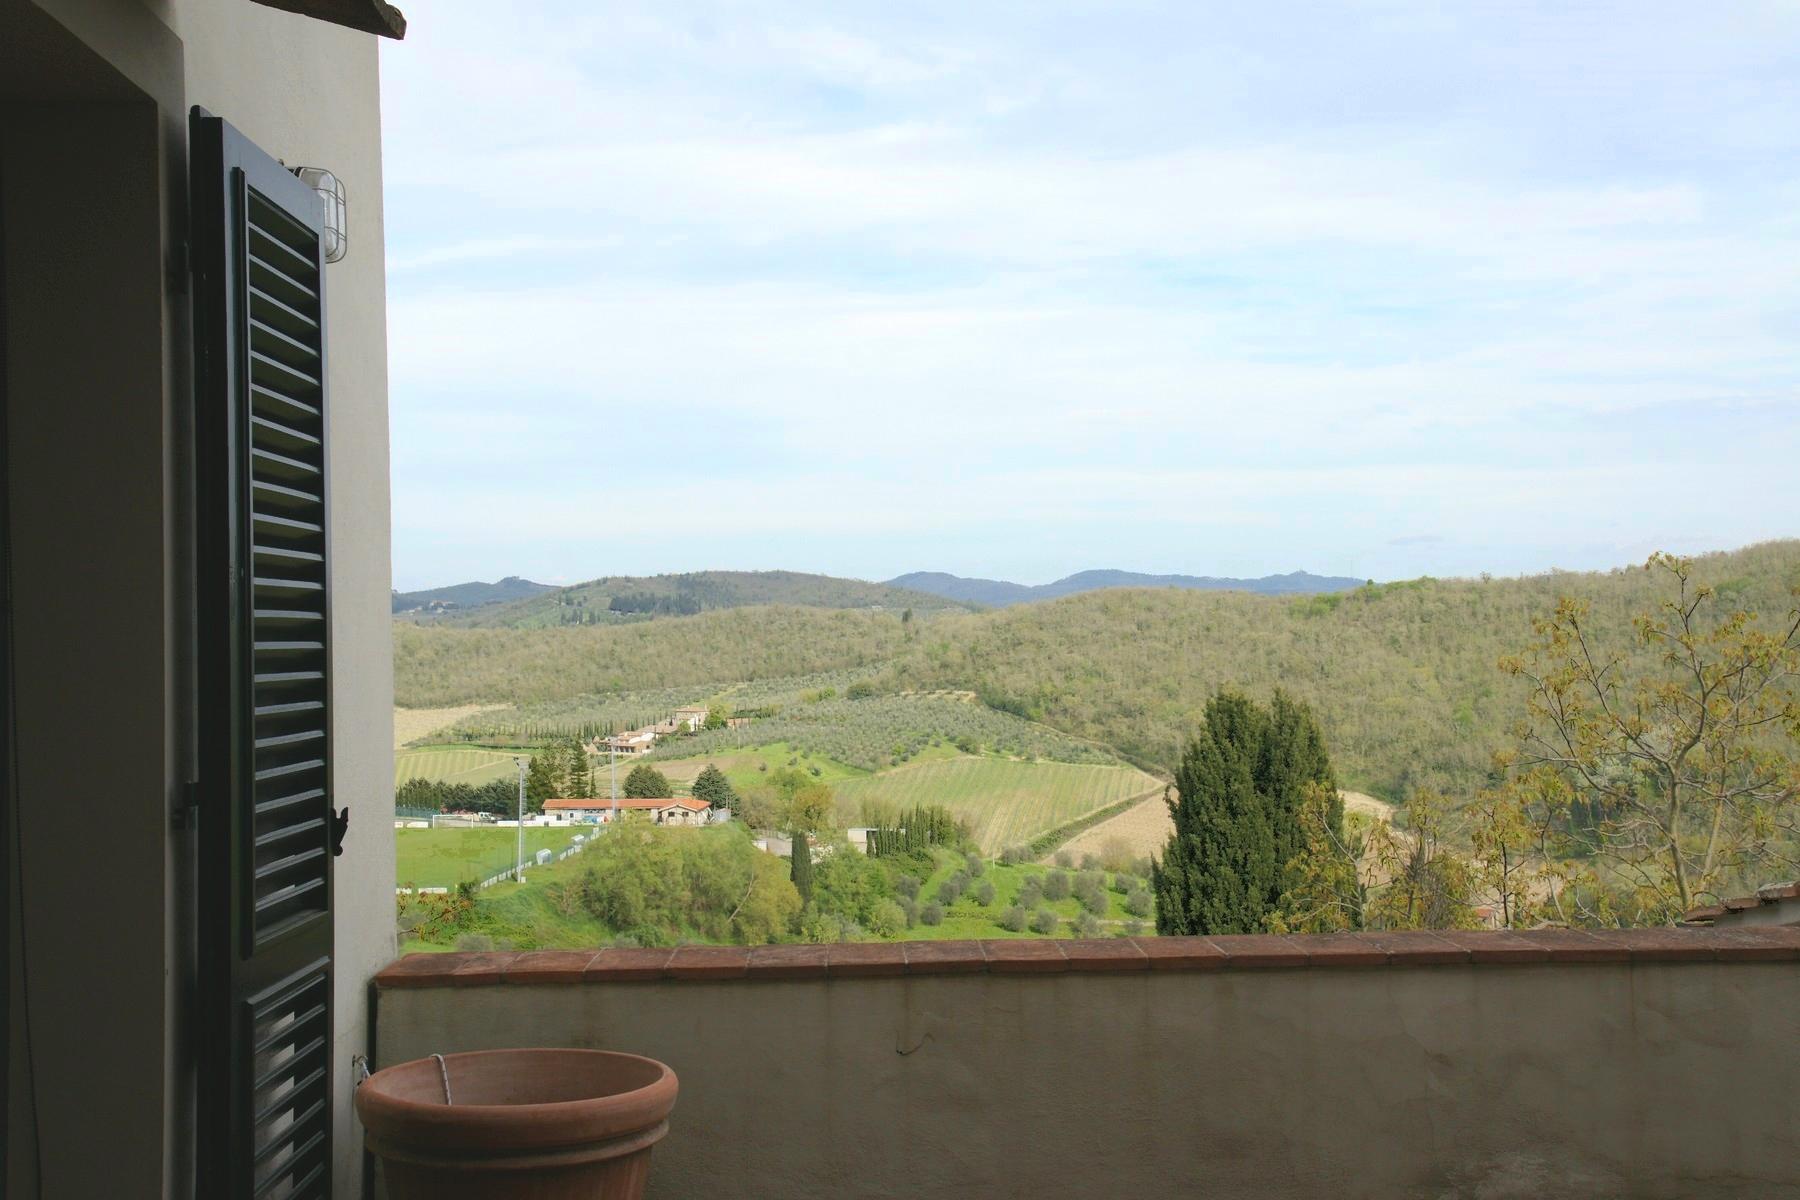 Rustico in Vendita a Gaiole In Chianti: 5 locali, 1380 mq - Foto 12